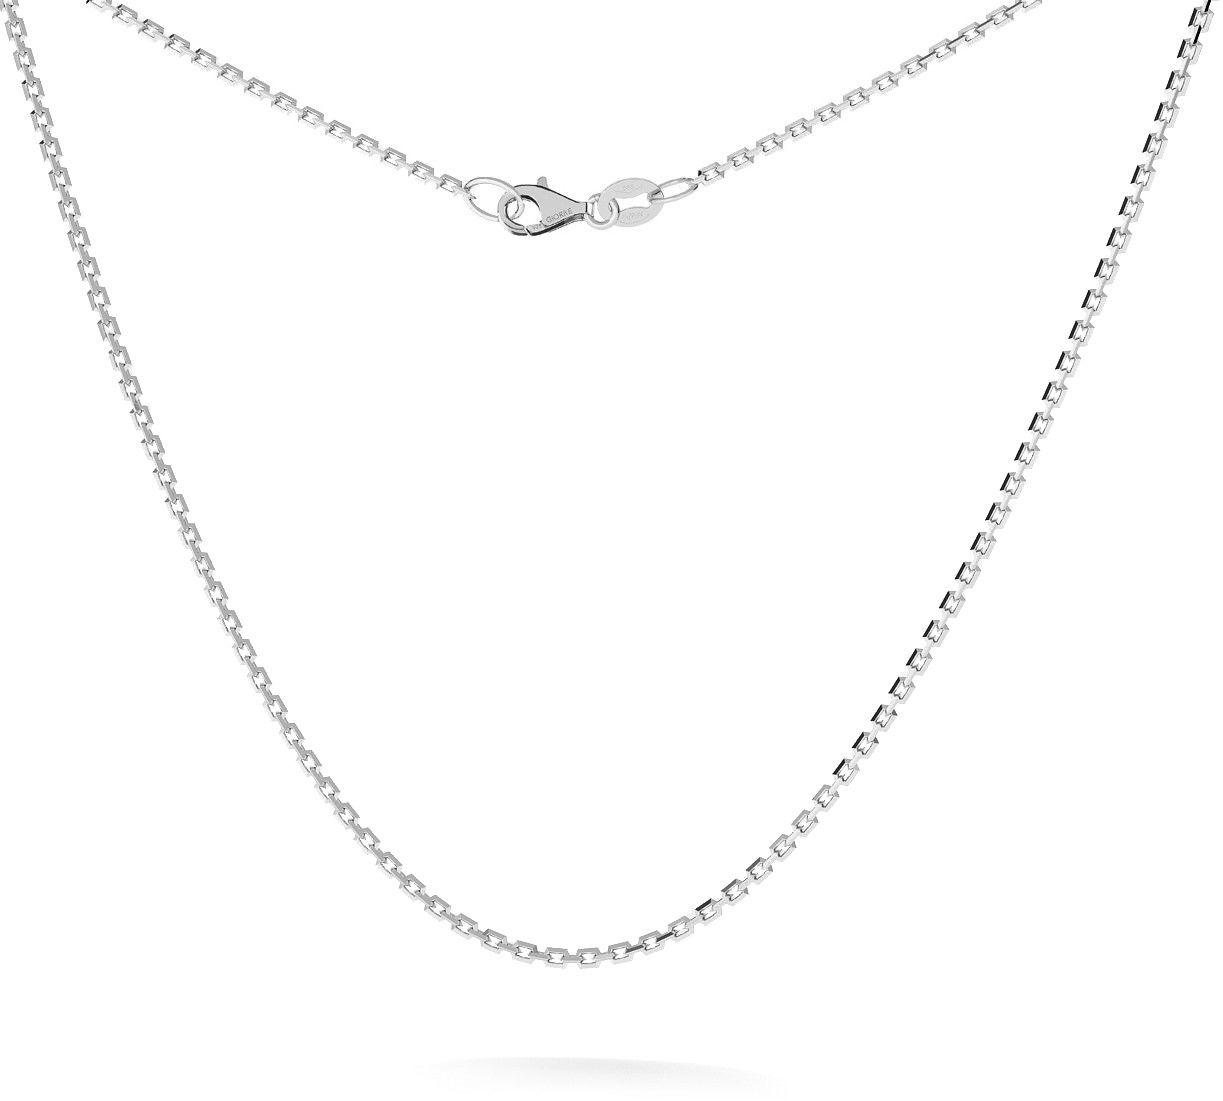 Srebrny łańcuszek na komunię ankier diamentowany 925 : Długość (cm) - 35 + 5, Srebro - kolor pokrycia - Pokrycie platyną